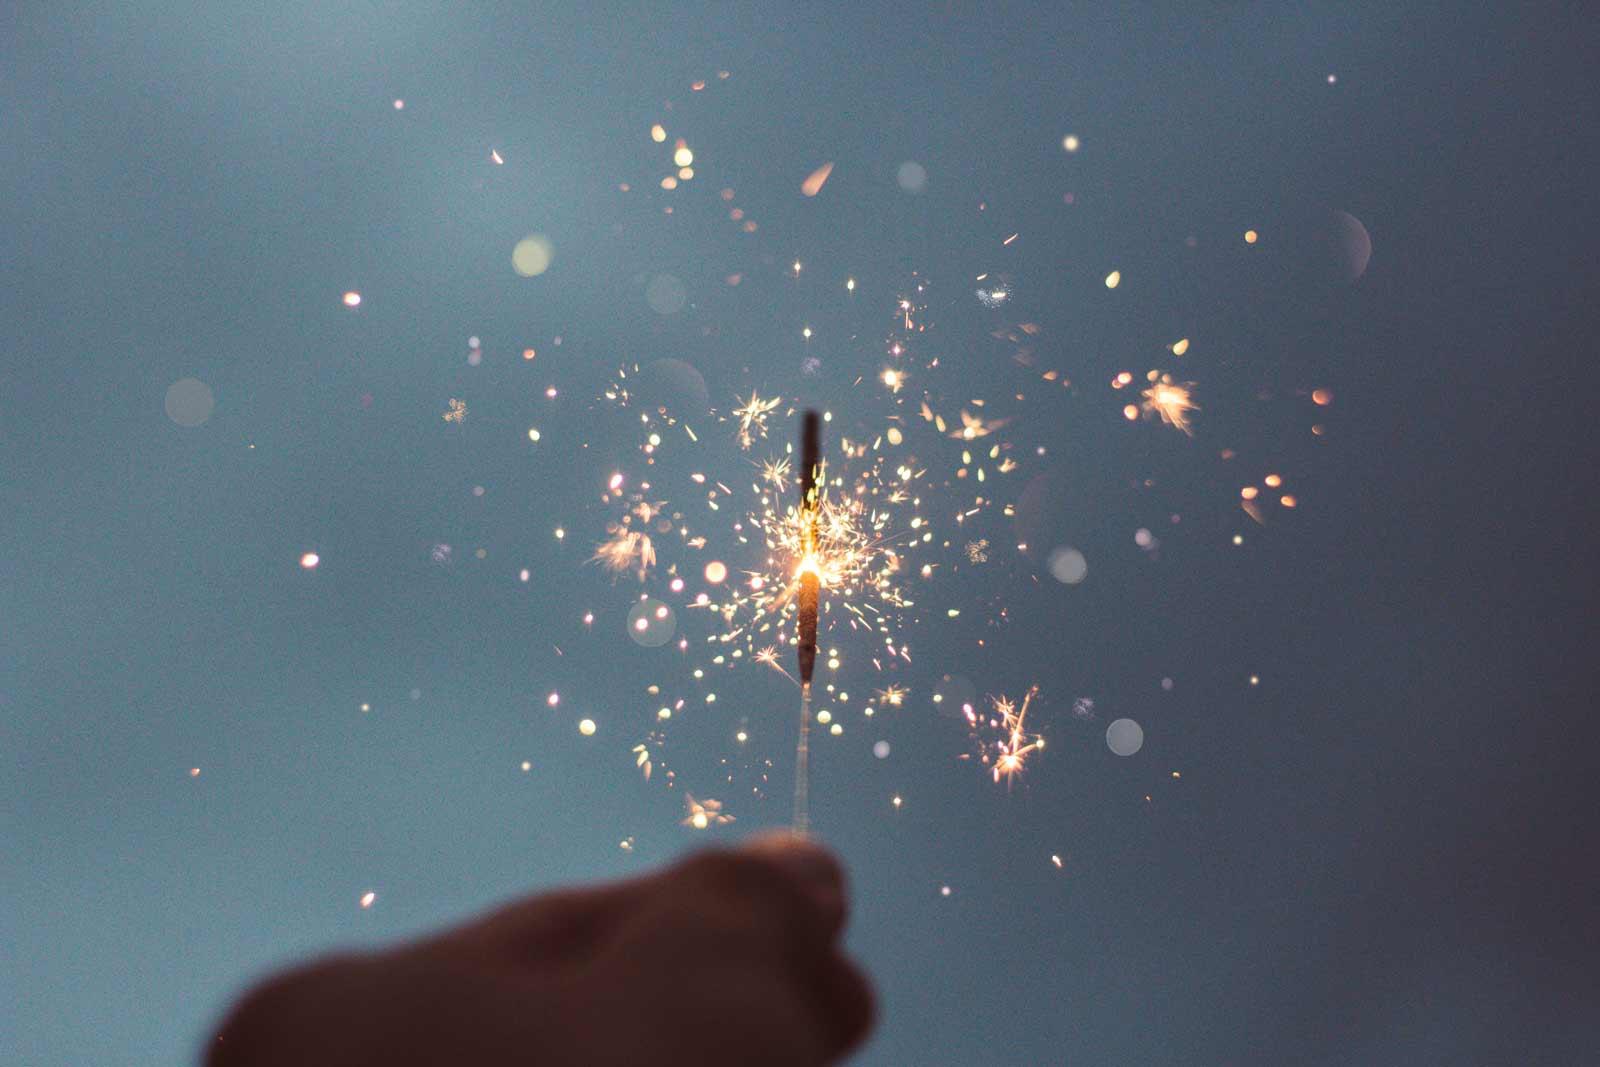 hand holding a lit sparkler